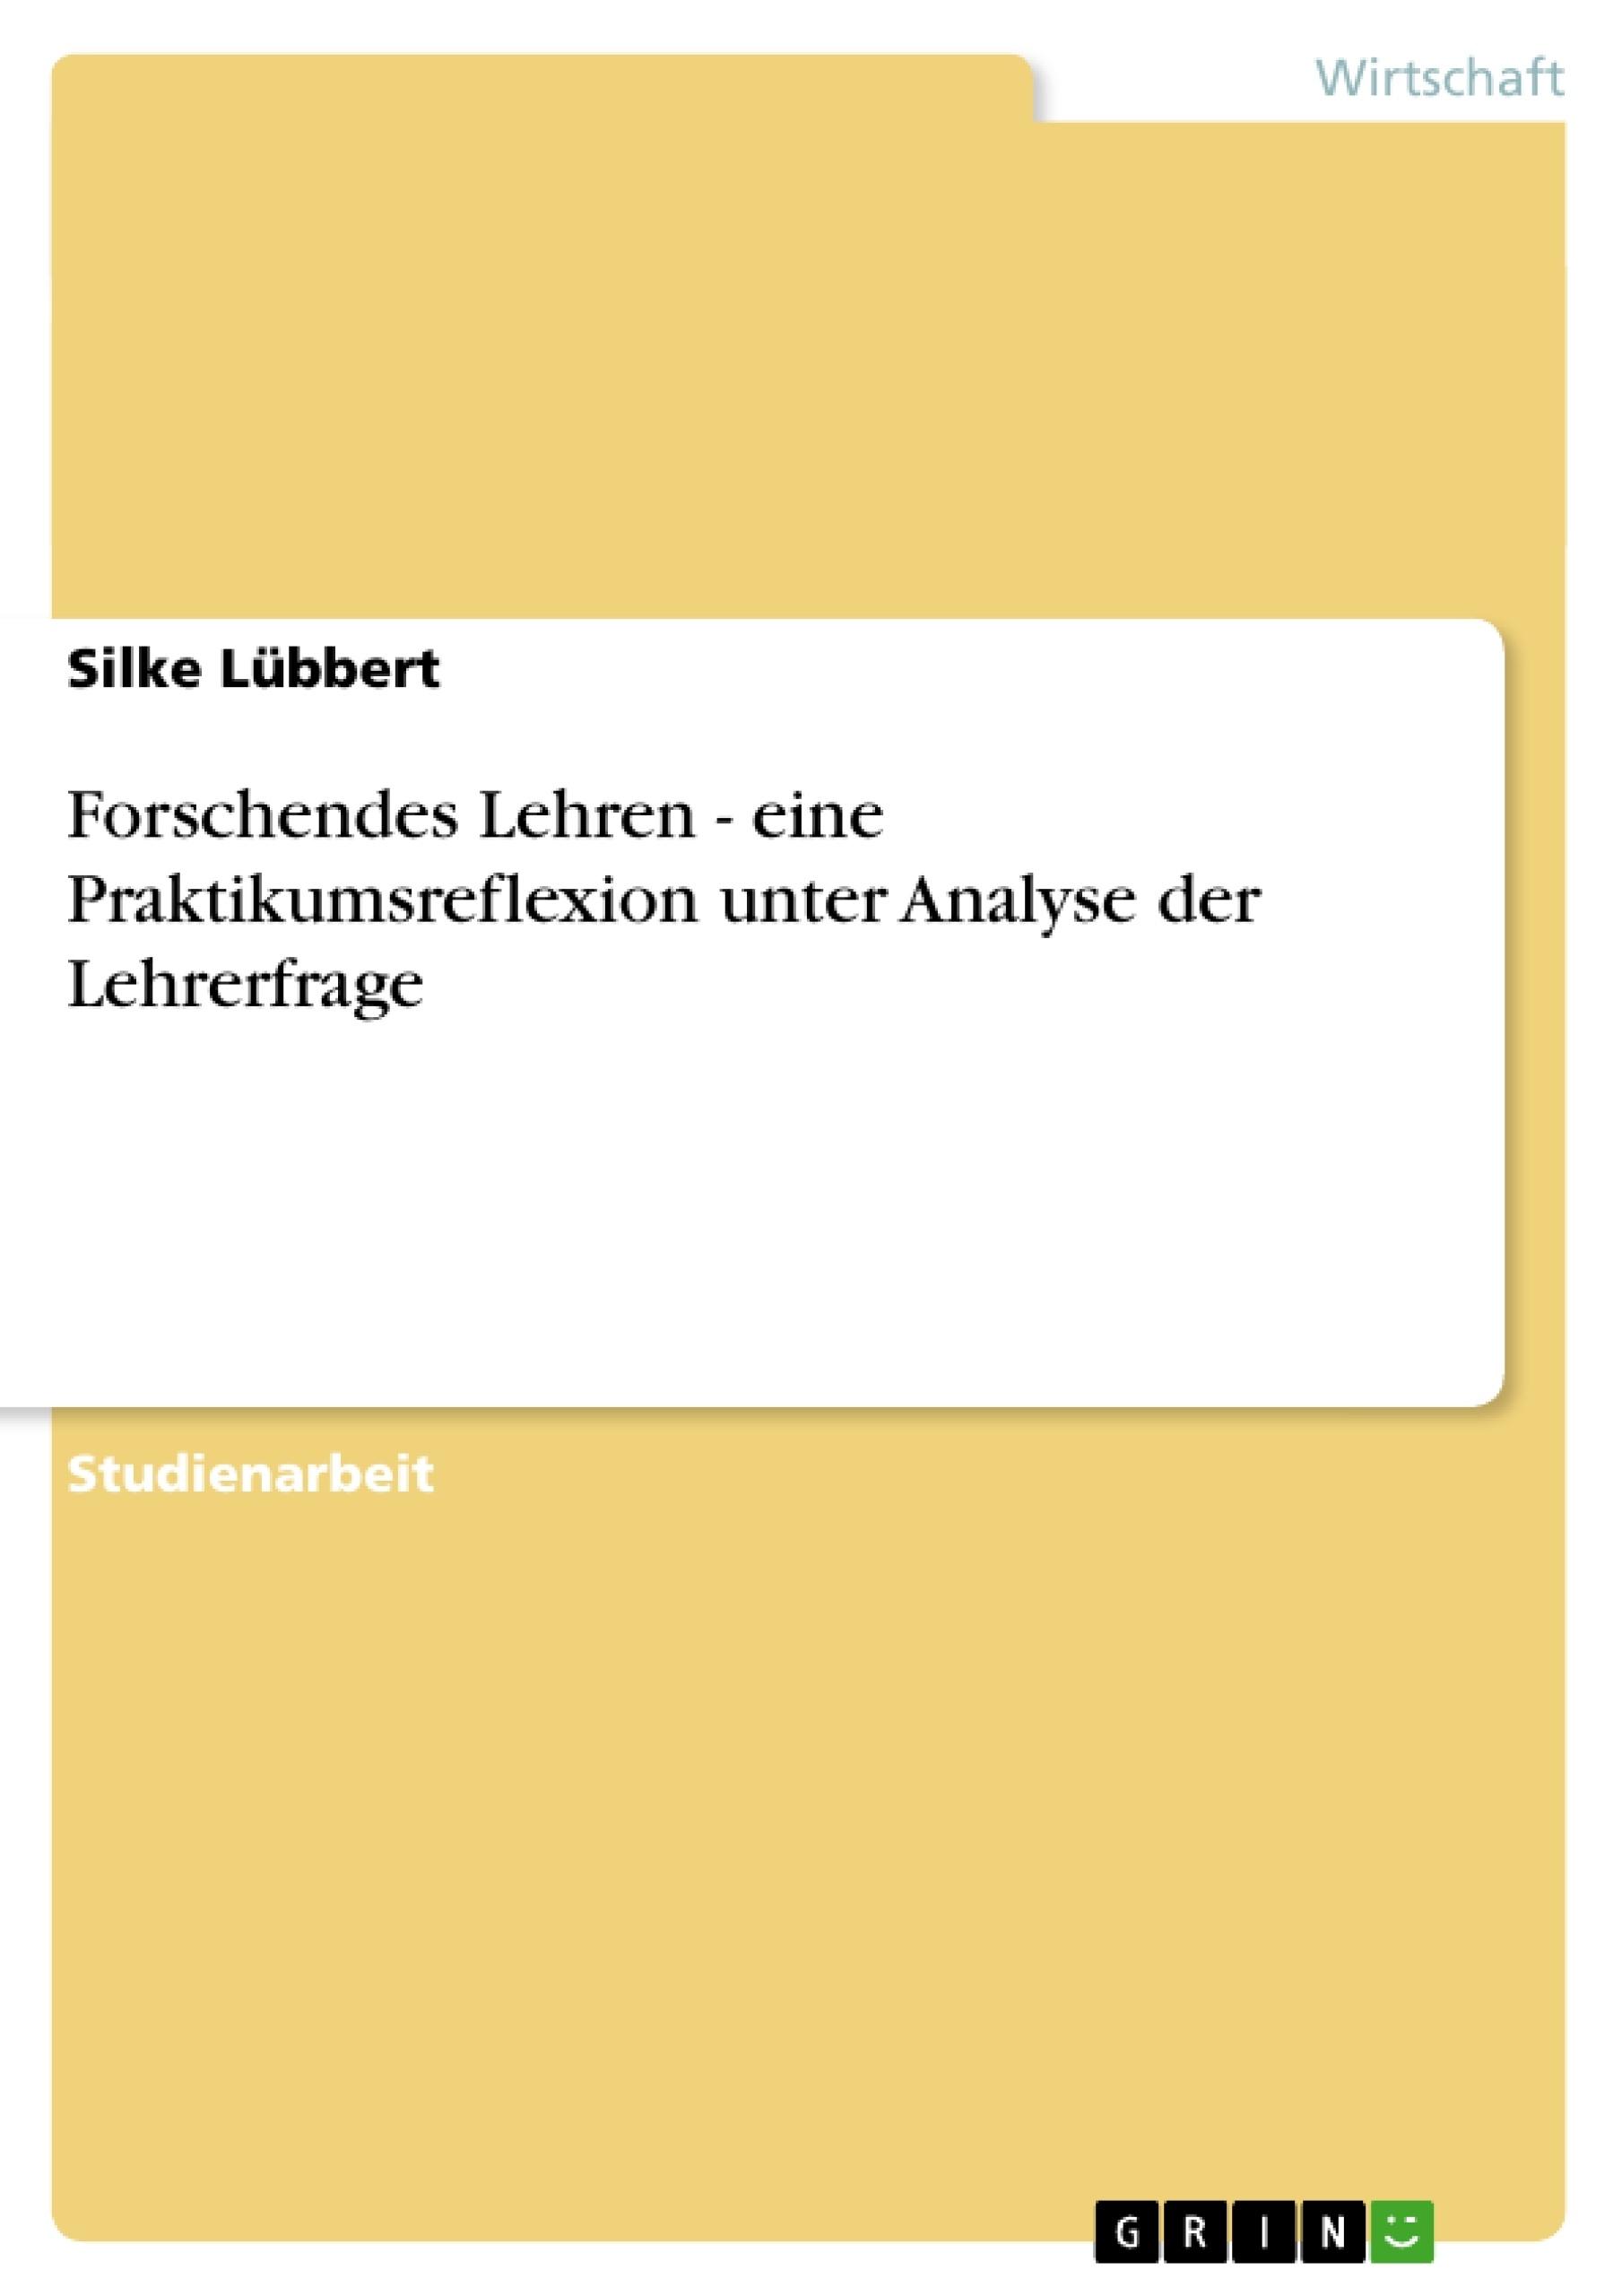 Titel: Forschendes Lehren - eine Praktikumsreflexion unter Analyse der Lehrerfrage